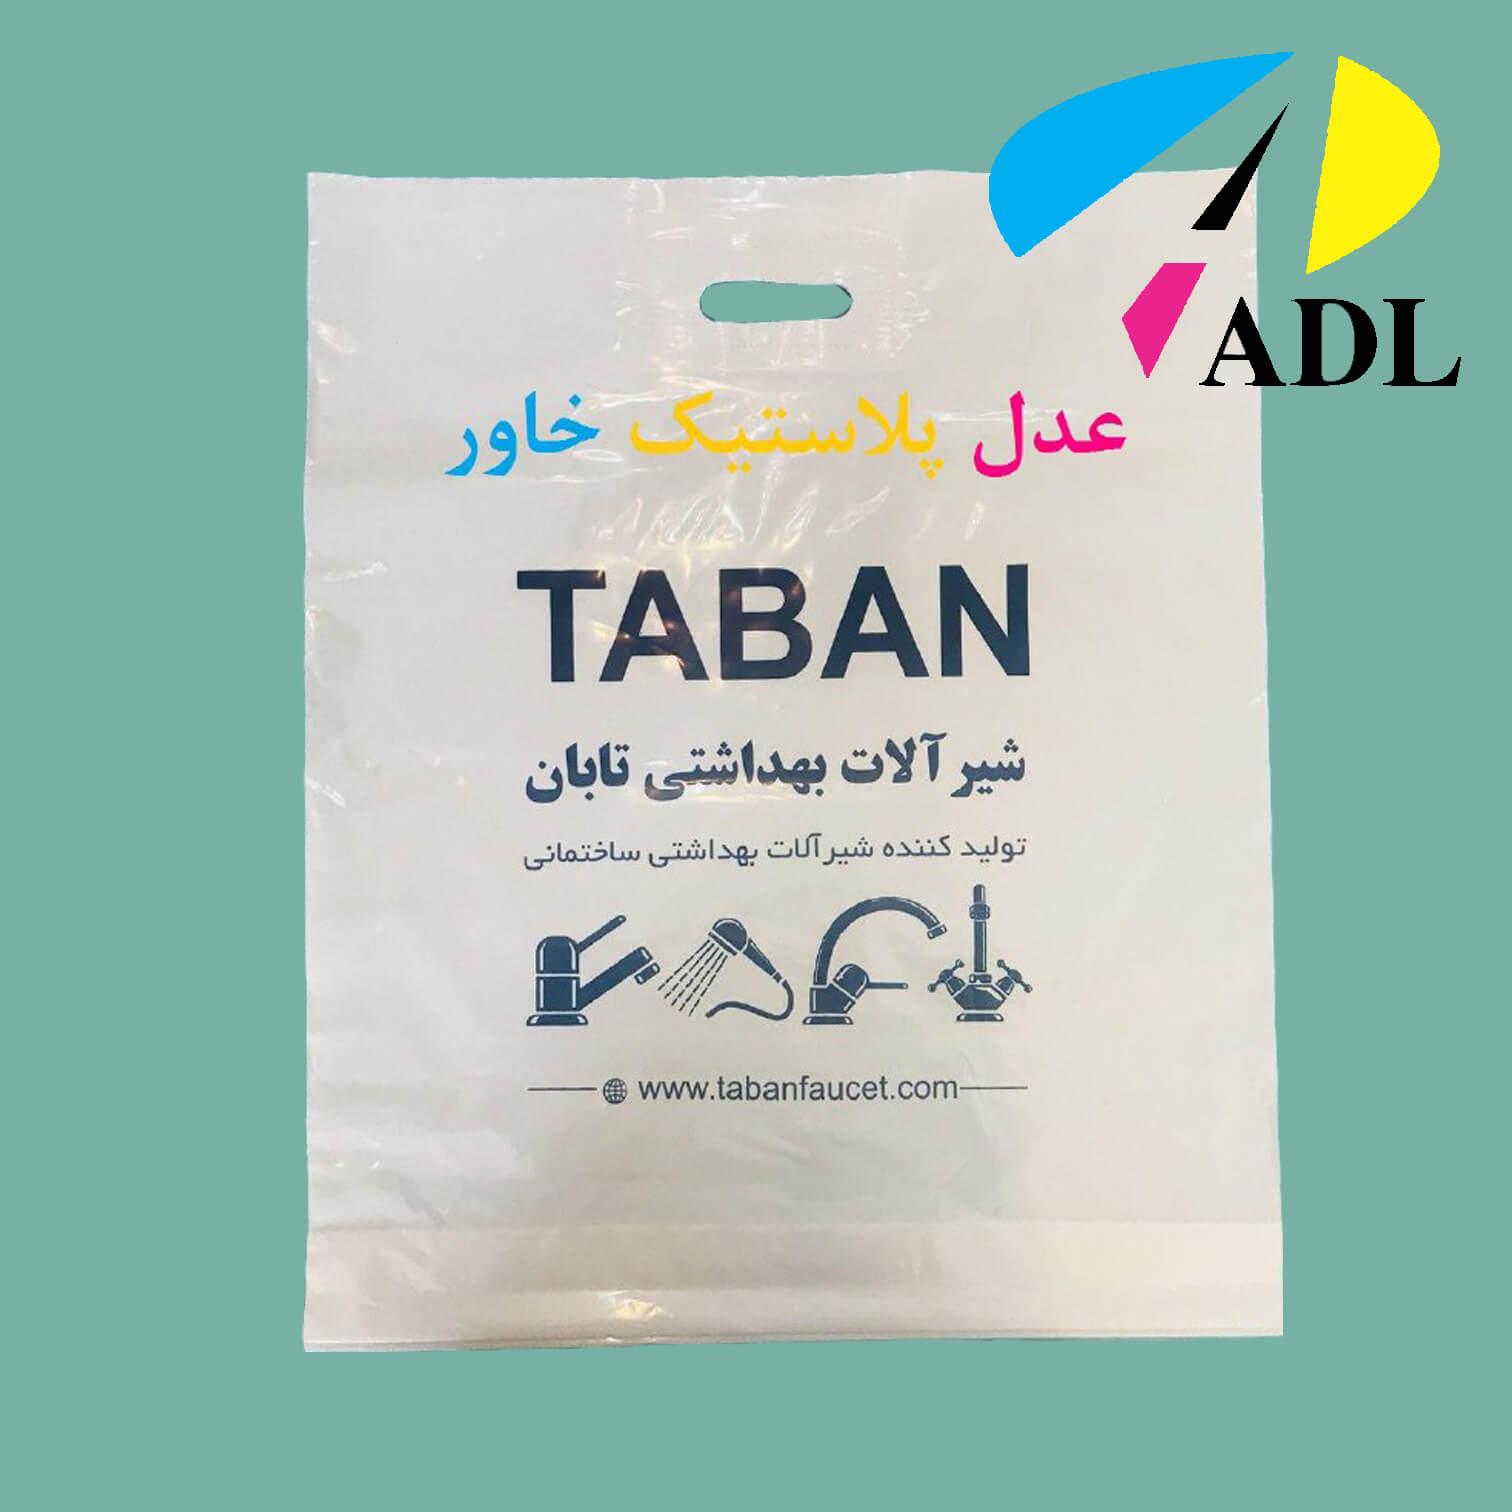 aba50846-2a5b-4271-86df-e1207541c2d5